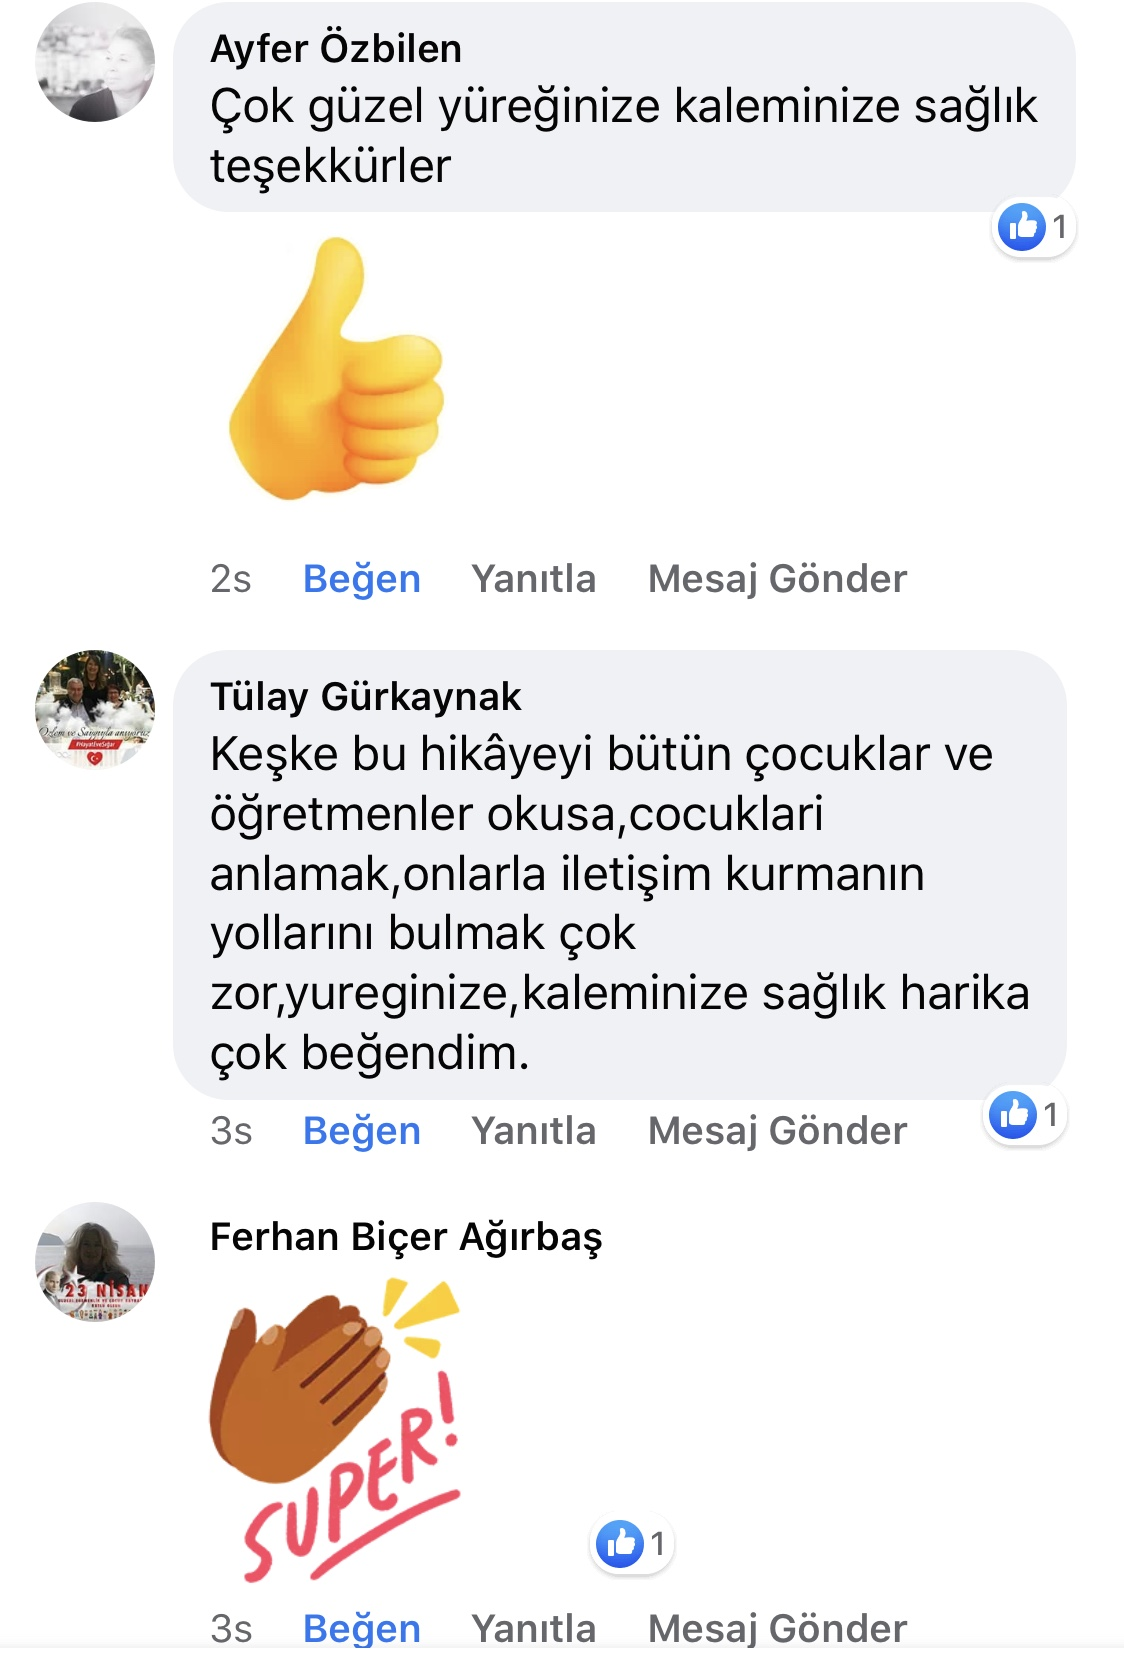 Karnıyarık | Zeynep Mete | SenVeBen Facebook Sayfası Yorumları | 05